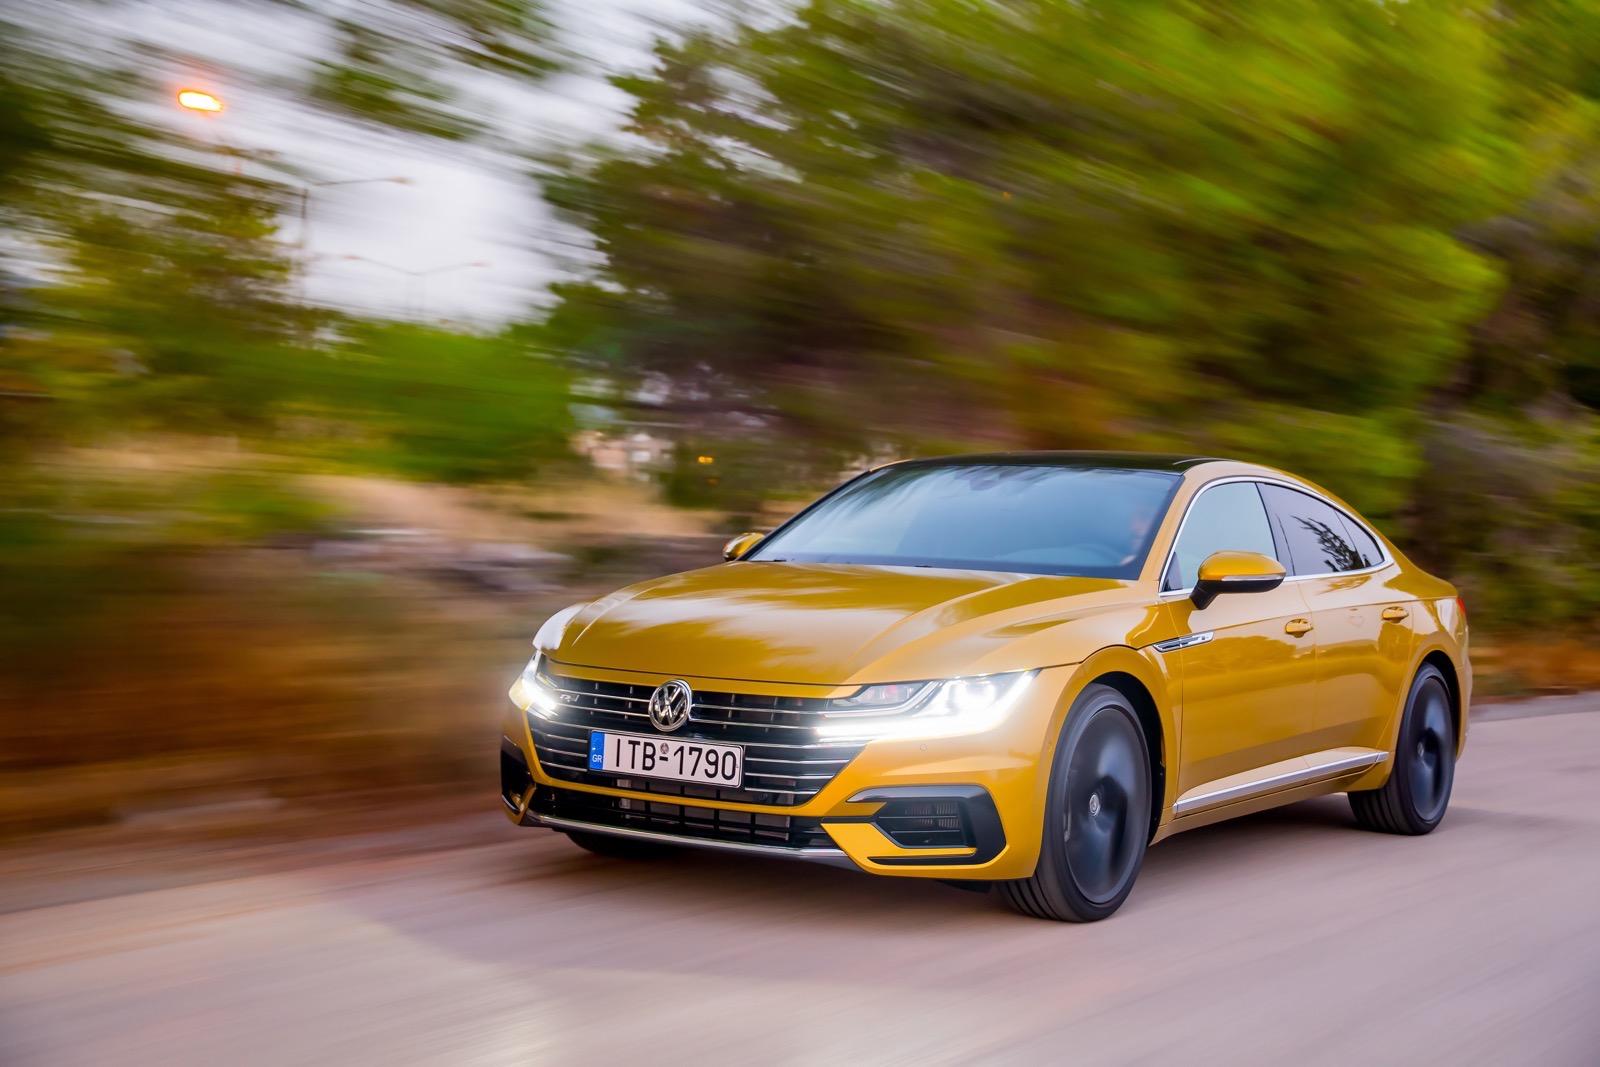 Volkswagen_Arteon_Greek_Presentataion_25